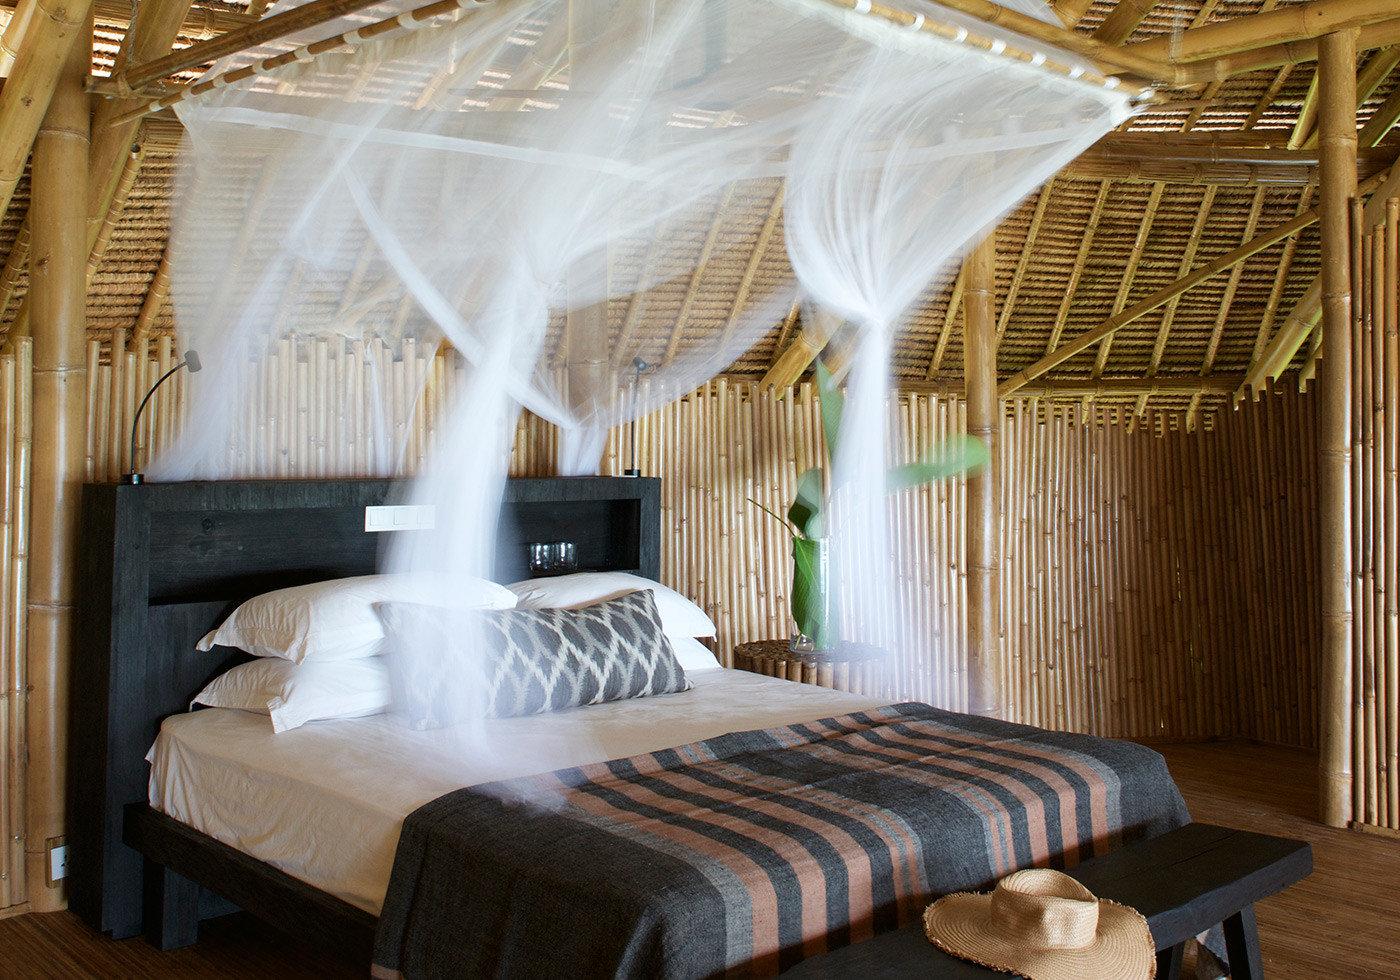 Hotels indoor room property Bedroom interior design furniture bed four poster Resort estate cottage